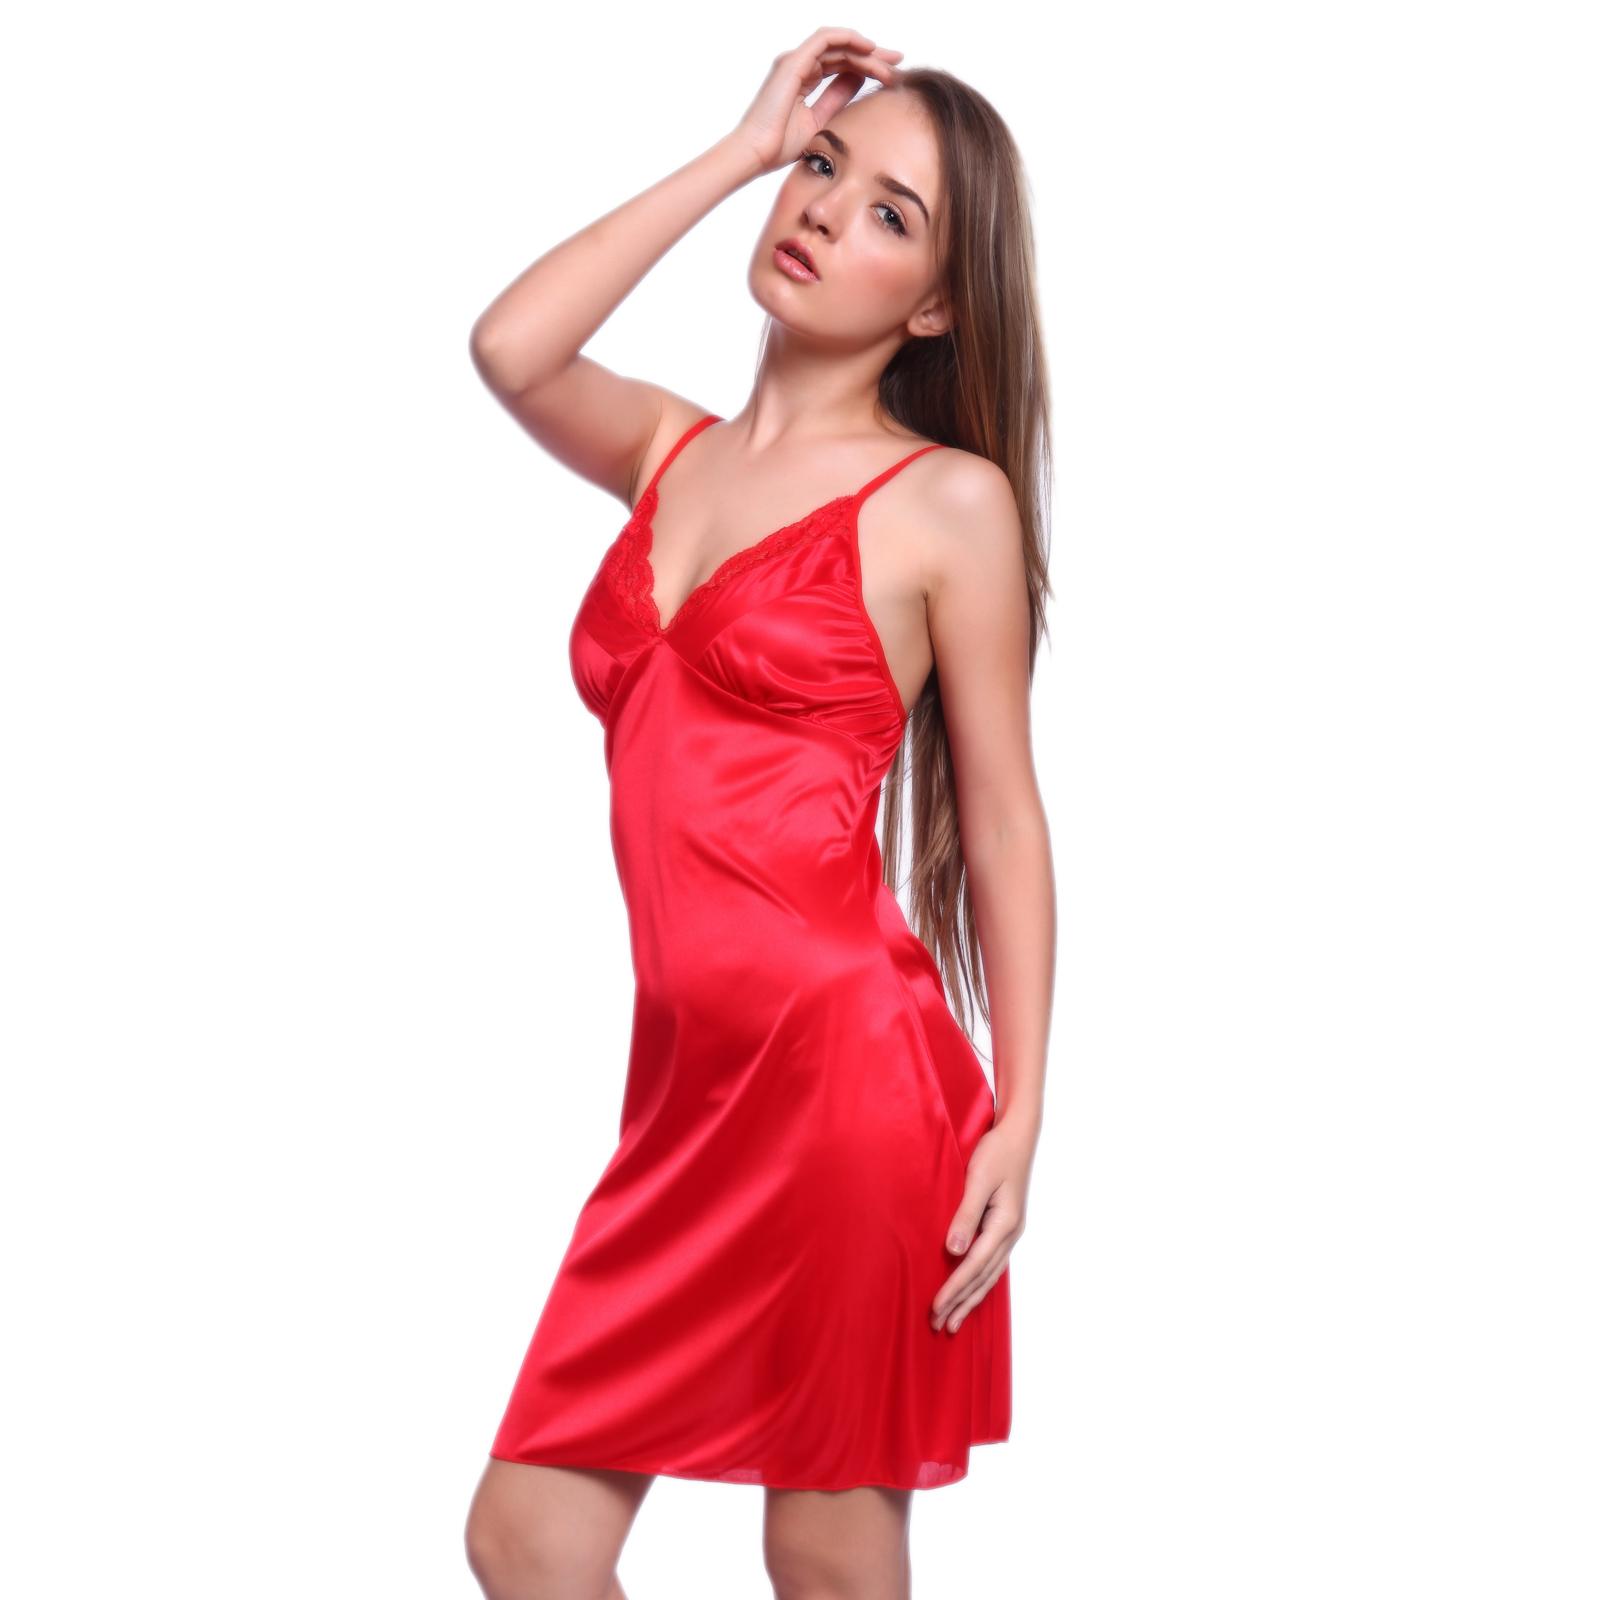 Sexy Silky Satin Chemise Full Slip Nightdress W/ G-string